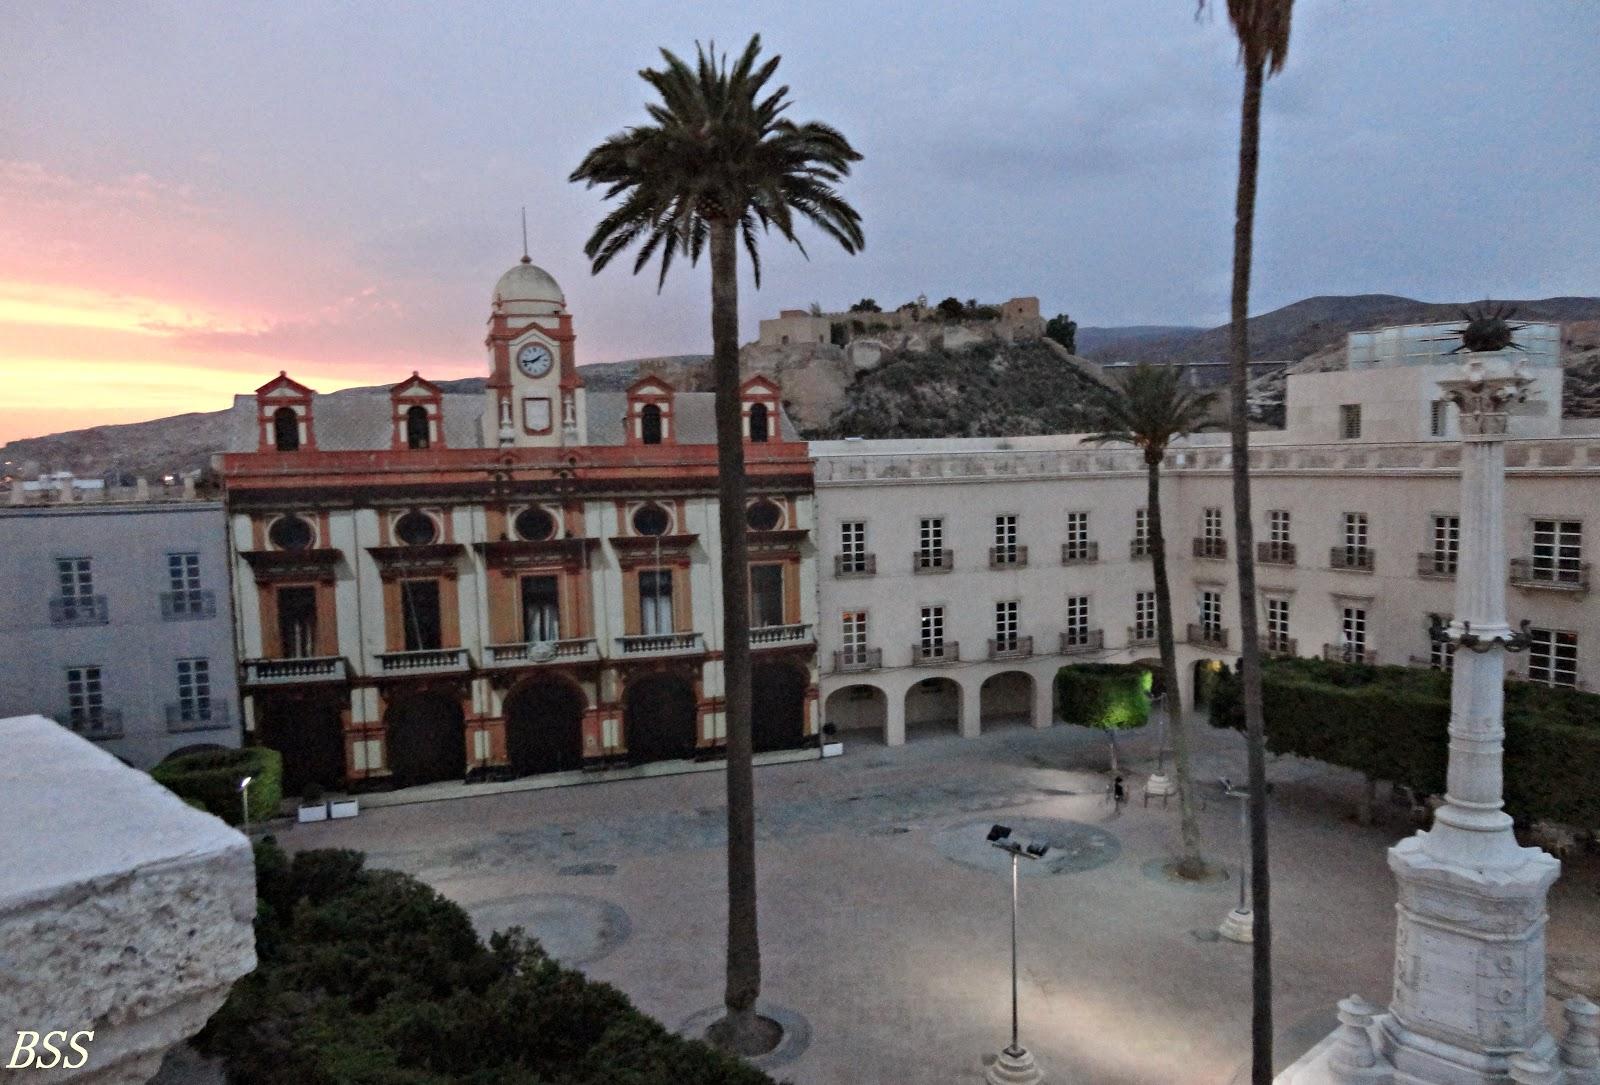 Baño Arabe En Almeria:Bajoelsombrerodesusan: BAÑOS ÁRABES AIRE DE ALMERÍA : EVENTO